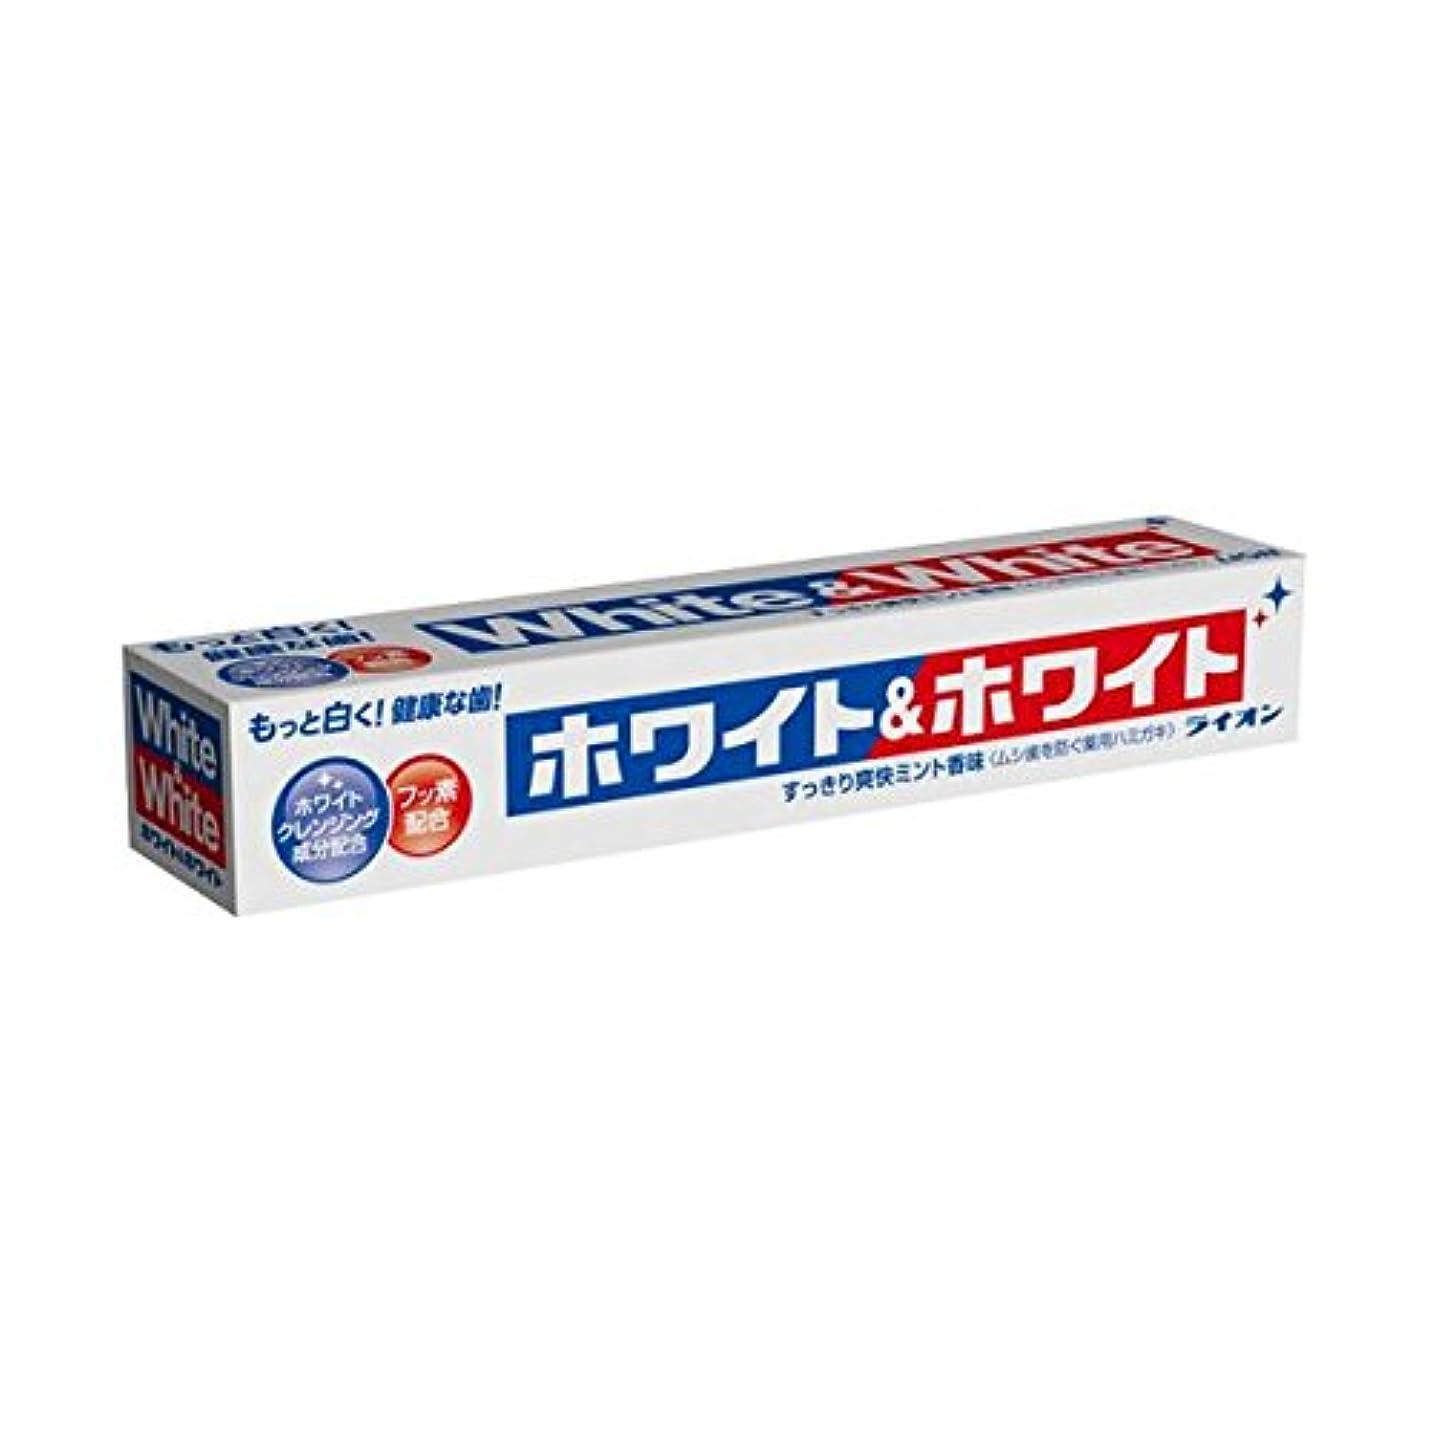 抱擁甘やかす肥沃なホワイト&ホワイト 150g ×10個セット